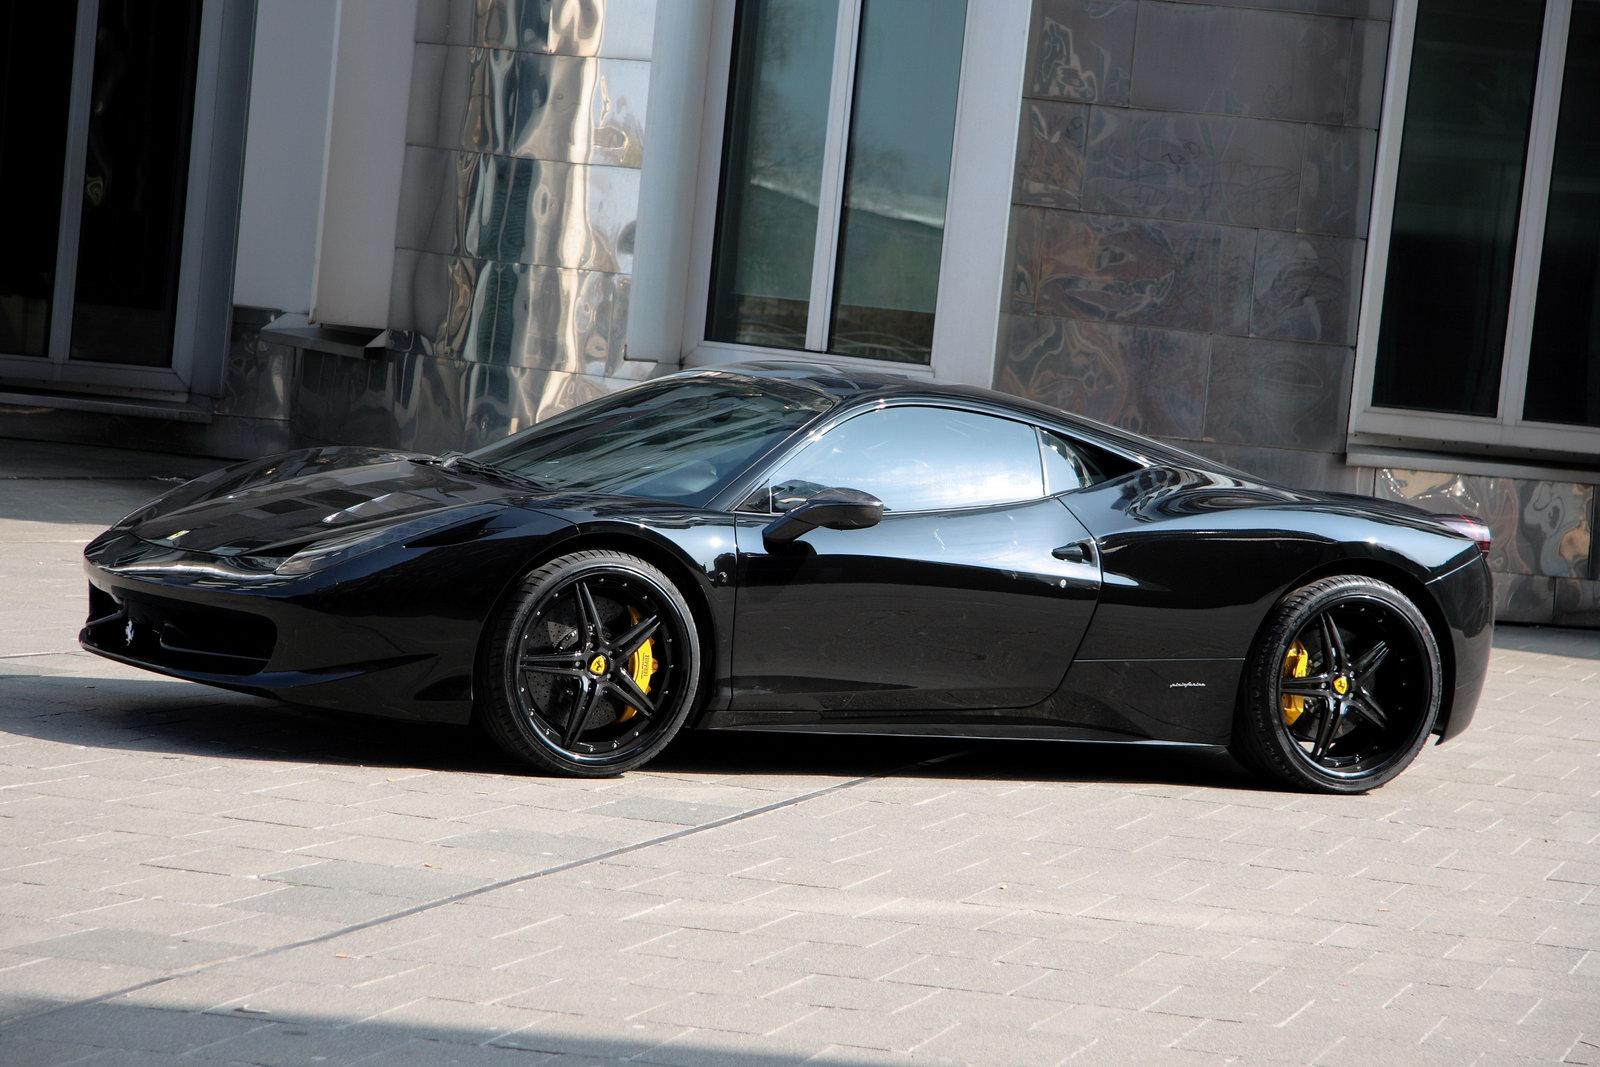 ferrari 458 italia anderson germany black carbon edition - Black Ferrari 458 Italia